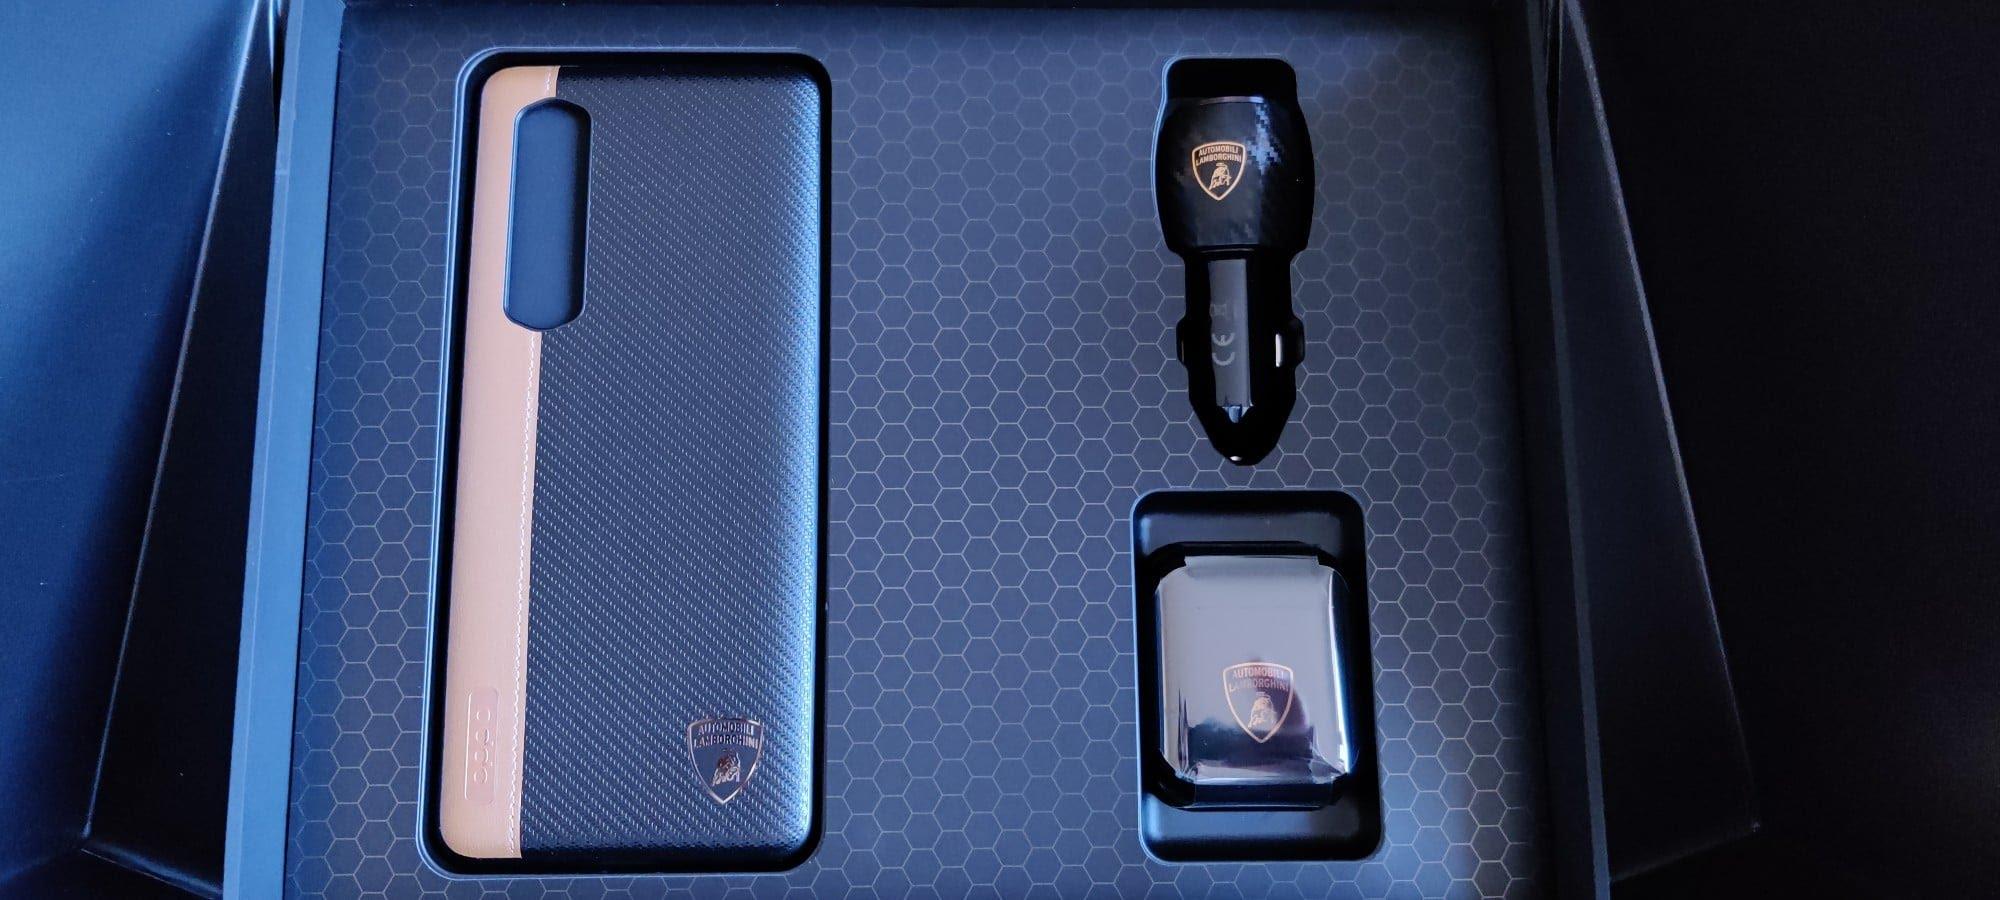 Accessoires Oppo Find X2 Pro Lamborghini